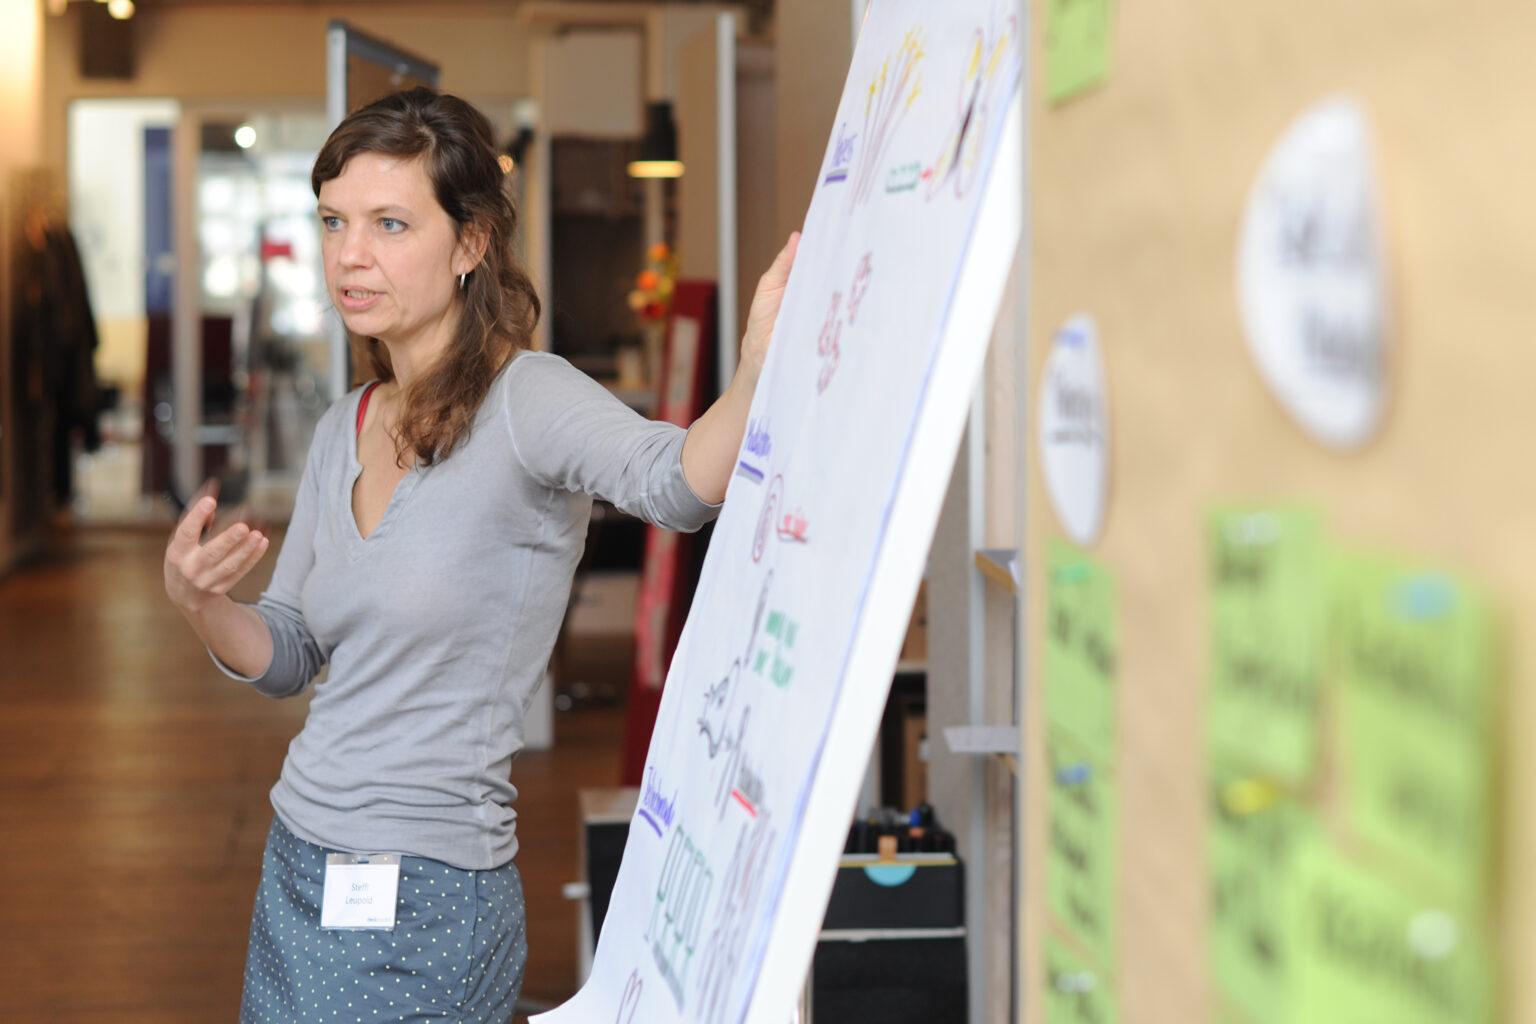 Foto einer Person, die vor einer Flipchart steht und moderiert als Symobilbild für das Training Moderation & Facilitation.